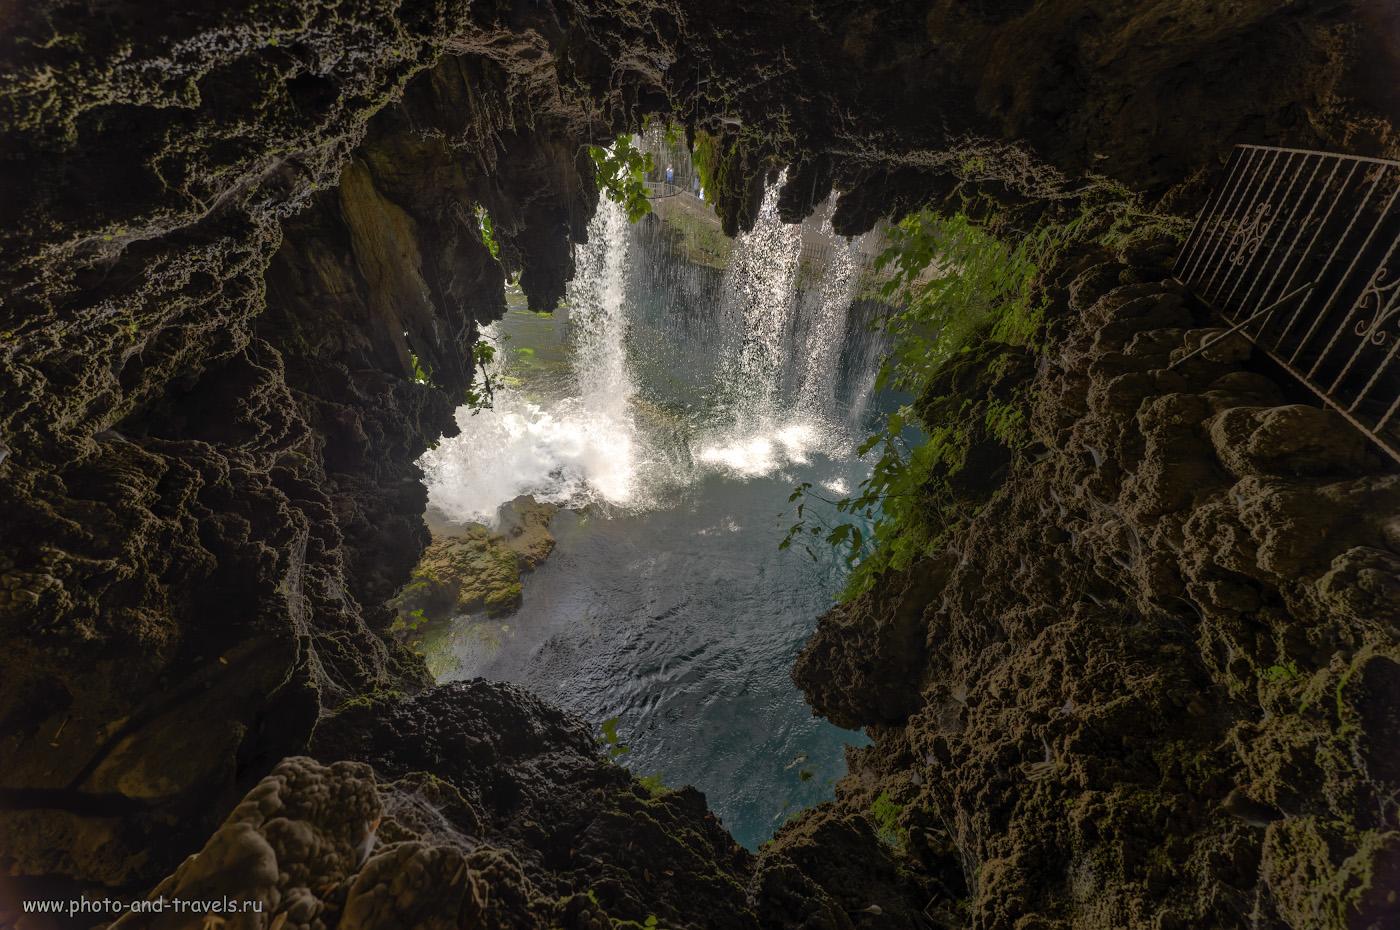 Фотография 12. Вид на Верхний Дюденский водопад со стороны грота. Экскурсии по интересным местам в Анталии. Отчеты туристов об отдыхе в Турции дикарями. HDR из 3-х кадров. Снято на Nikon D610 со сверхширокоугольным объективом Samayng 14mm f/2.8 с использованием карбонового штатива Sirui T2204X-G20KX.